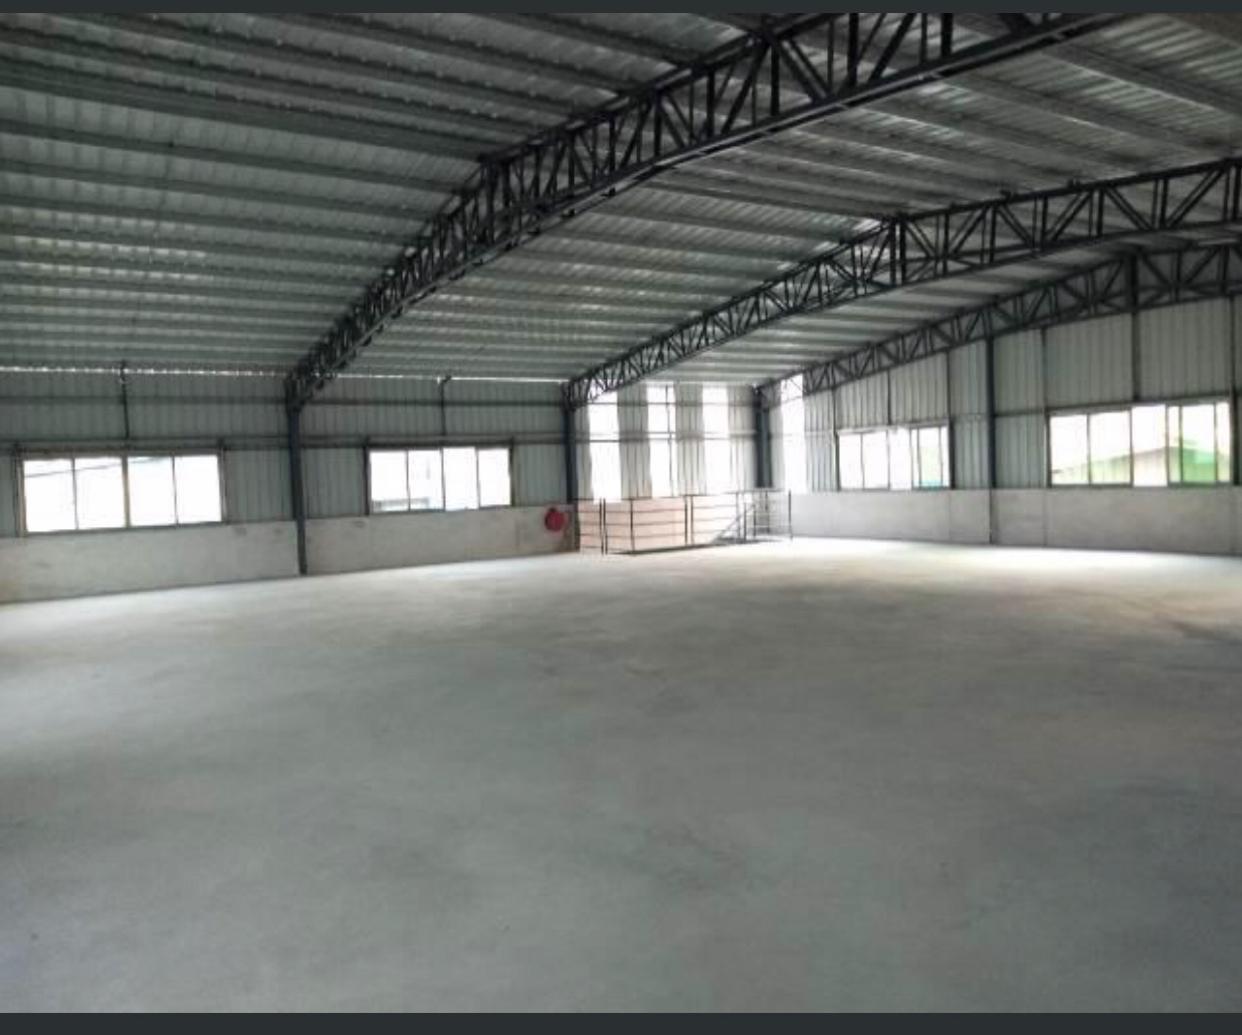 厚街镇新出厂房800平方单一层适合做电商仓库小加工